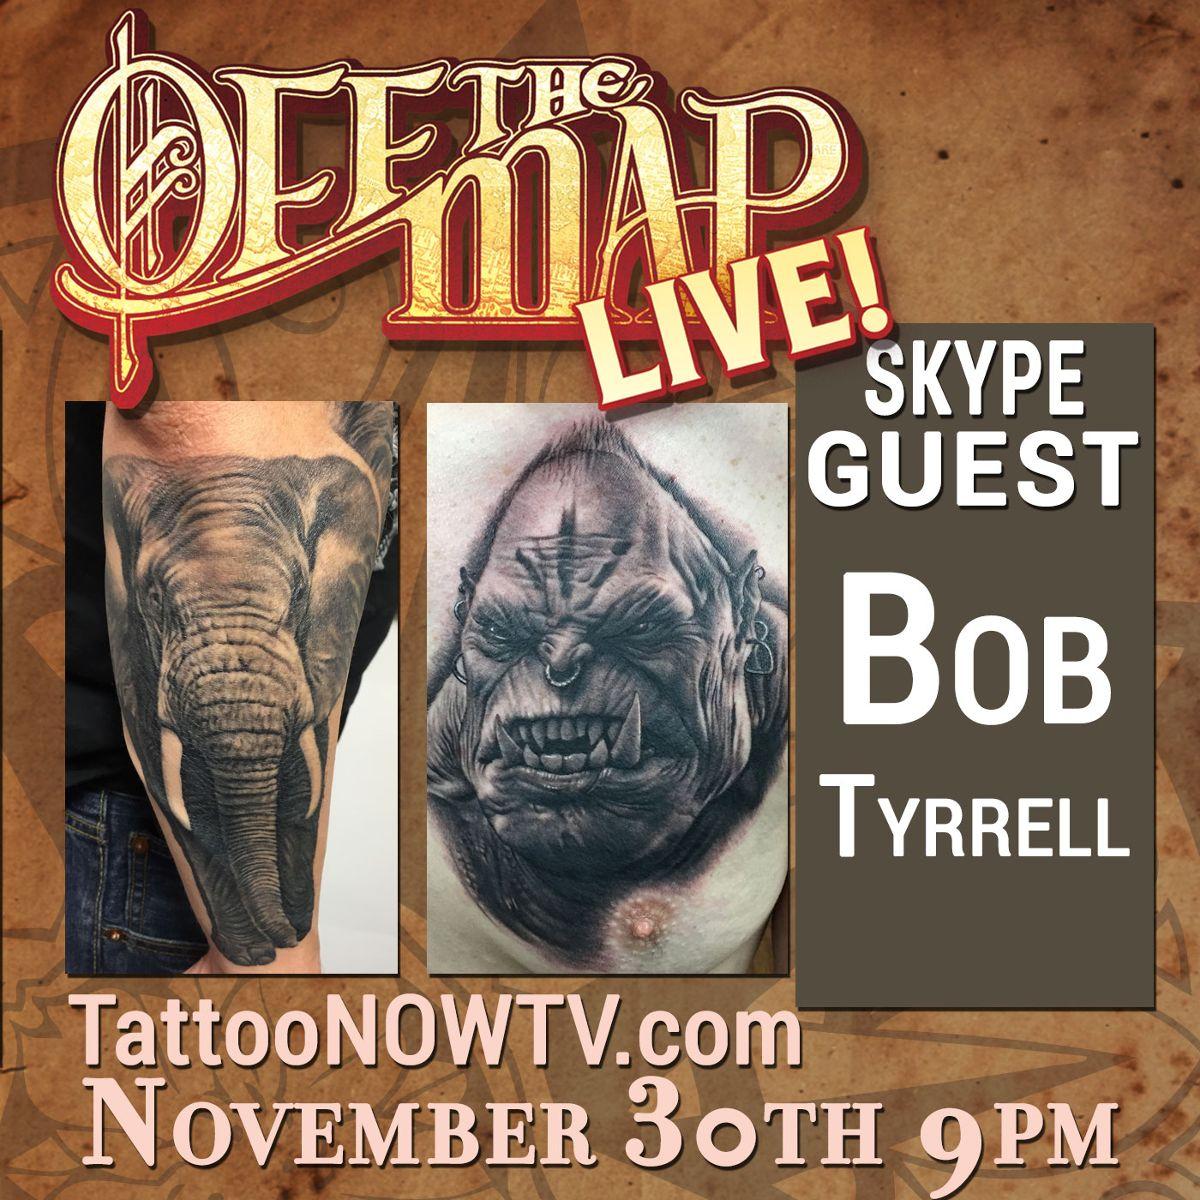 Bob Tyrrell webcast